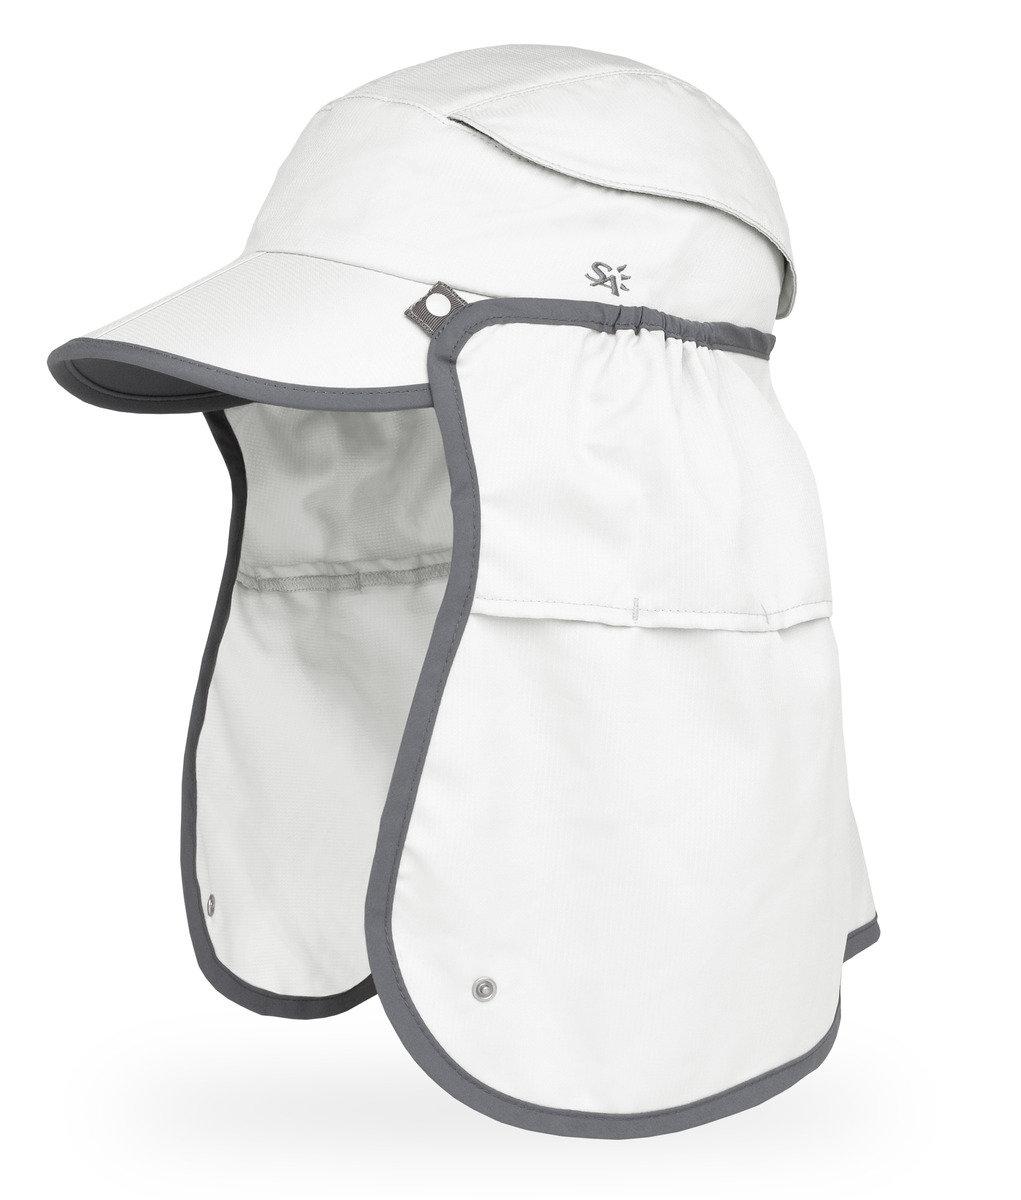 美國永久最高防曬帽 - Sun Guide Cap, White L